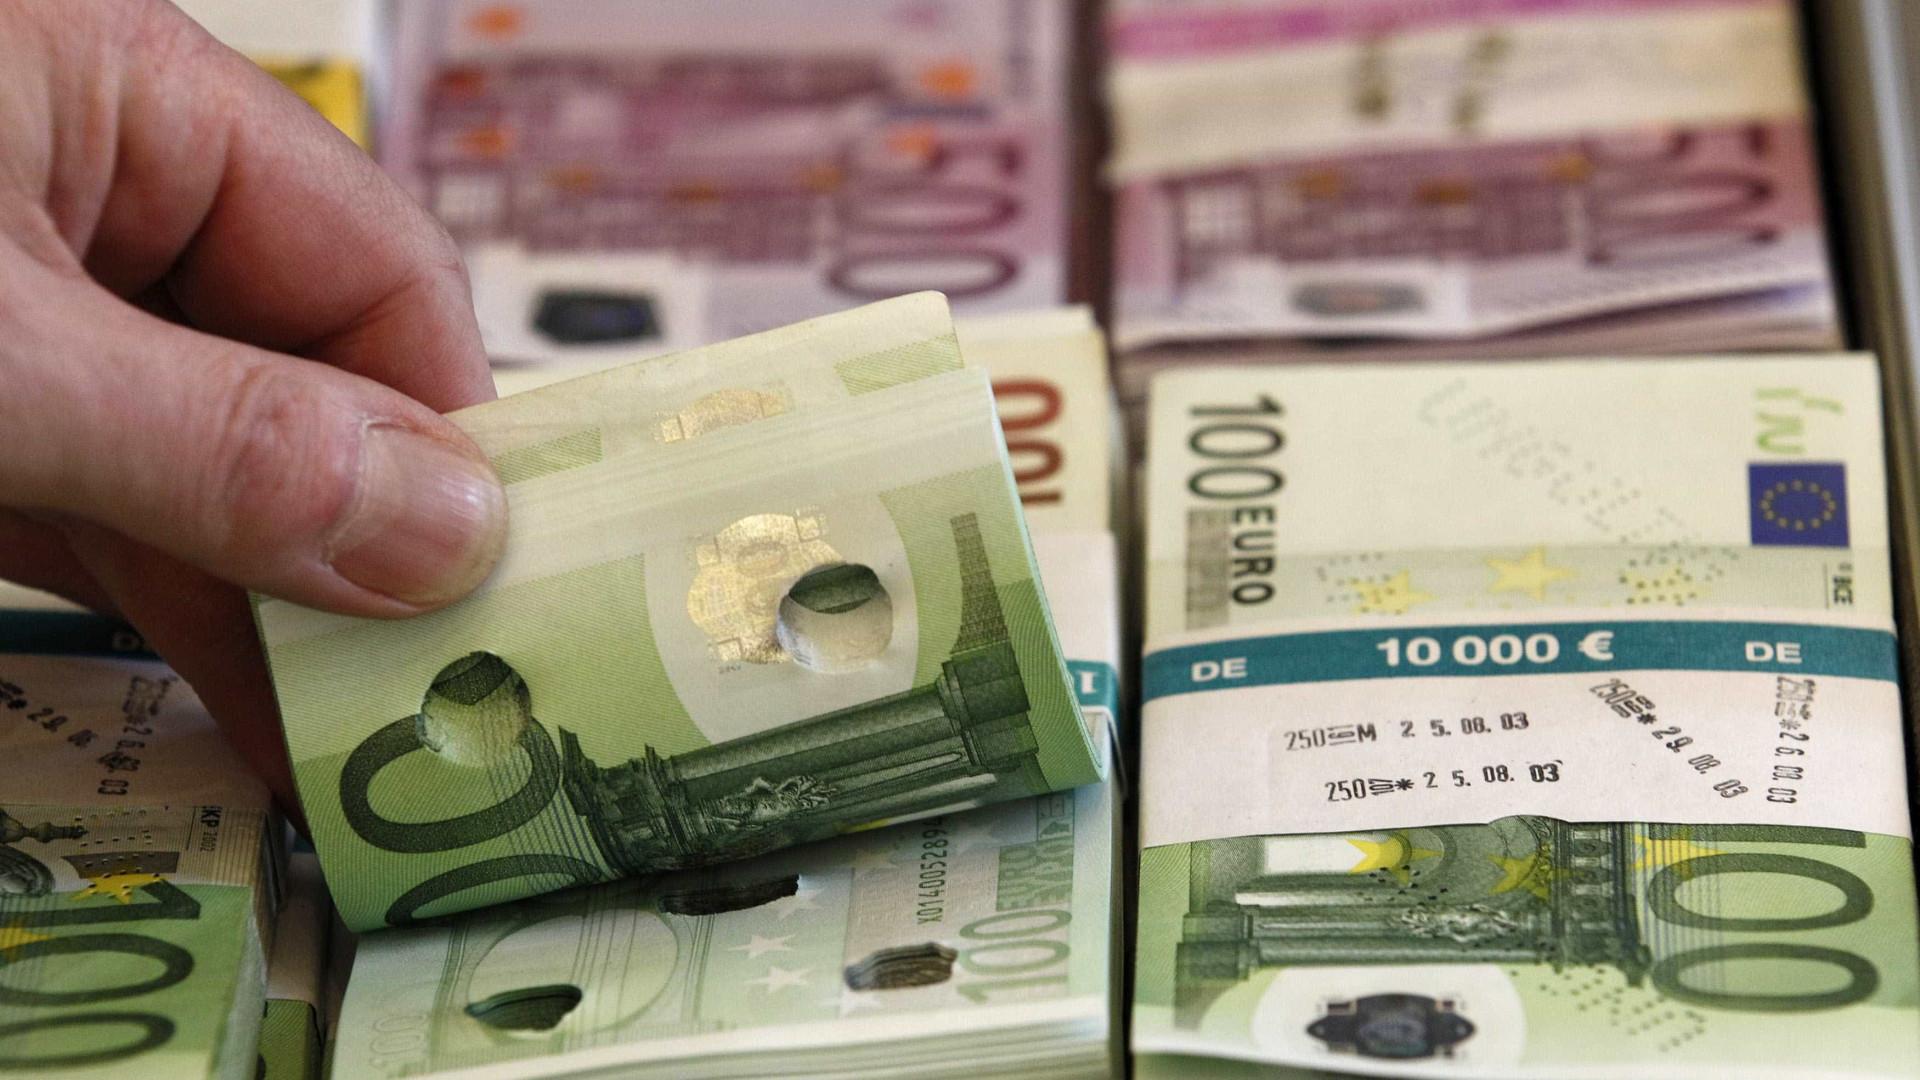 UTAO diz que 2016 foi o ano com mais despesa cativada dos últimos 8